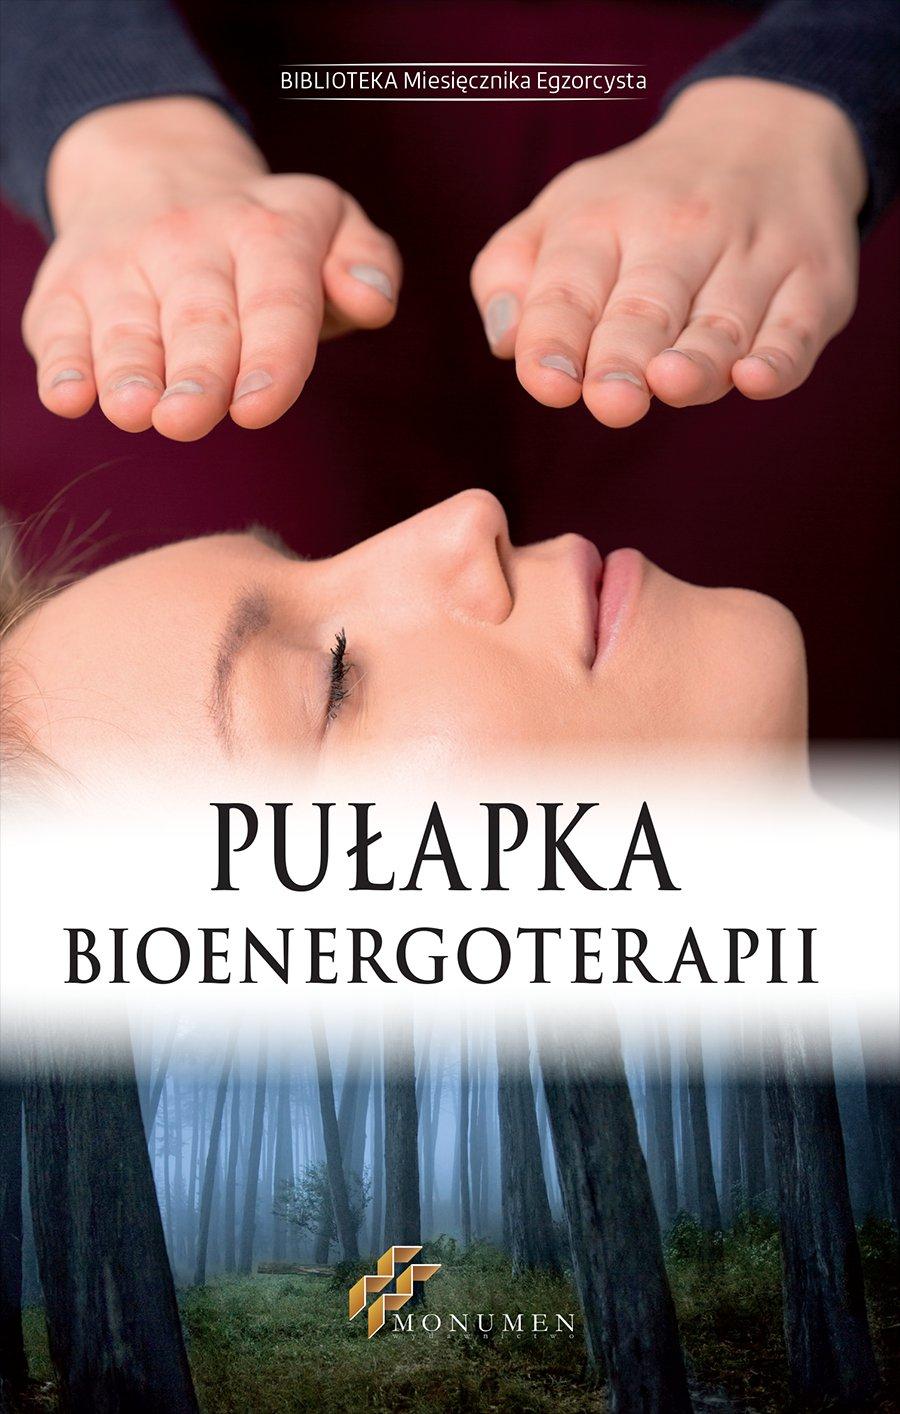 Pułapka Bioenergoterapii - Ebook (Książka na Kindle) do pobrania w formacie MOBI